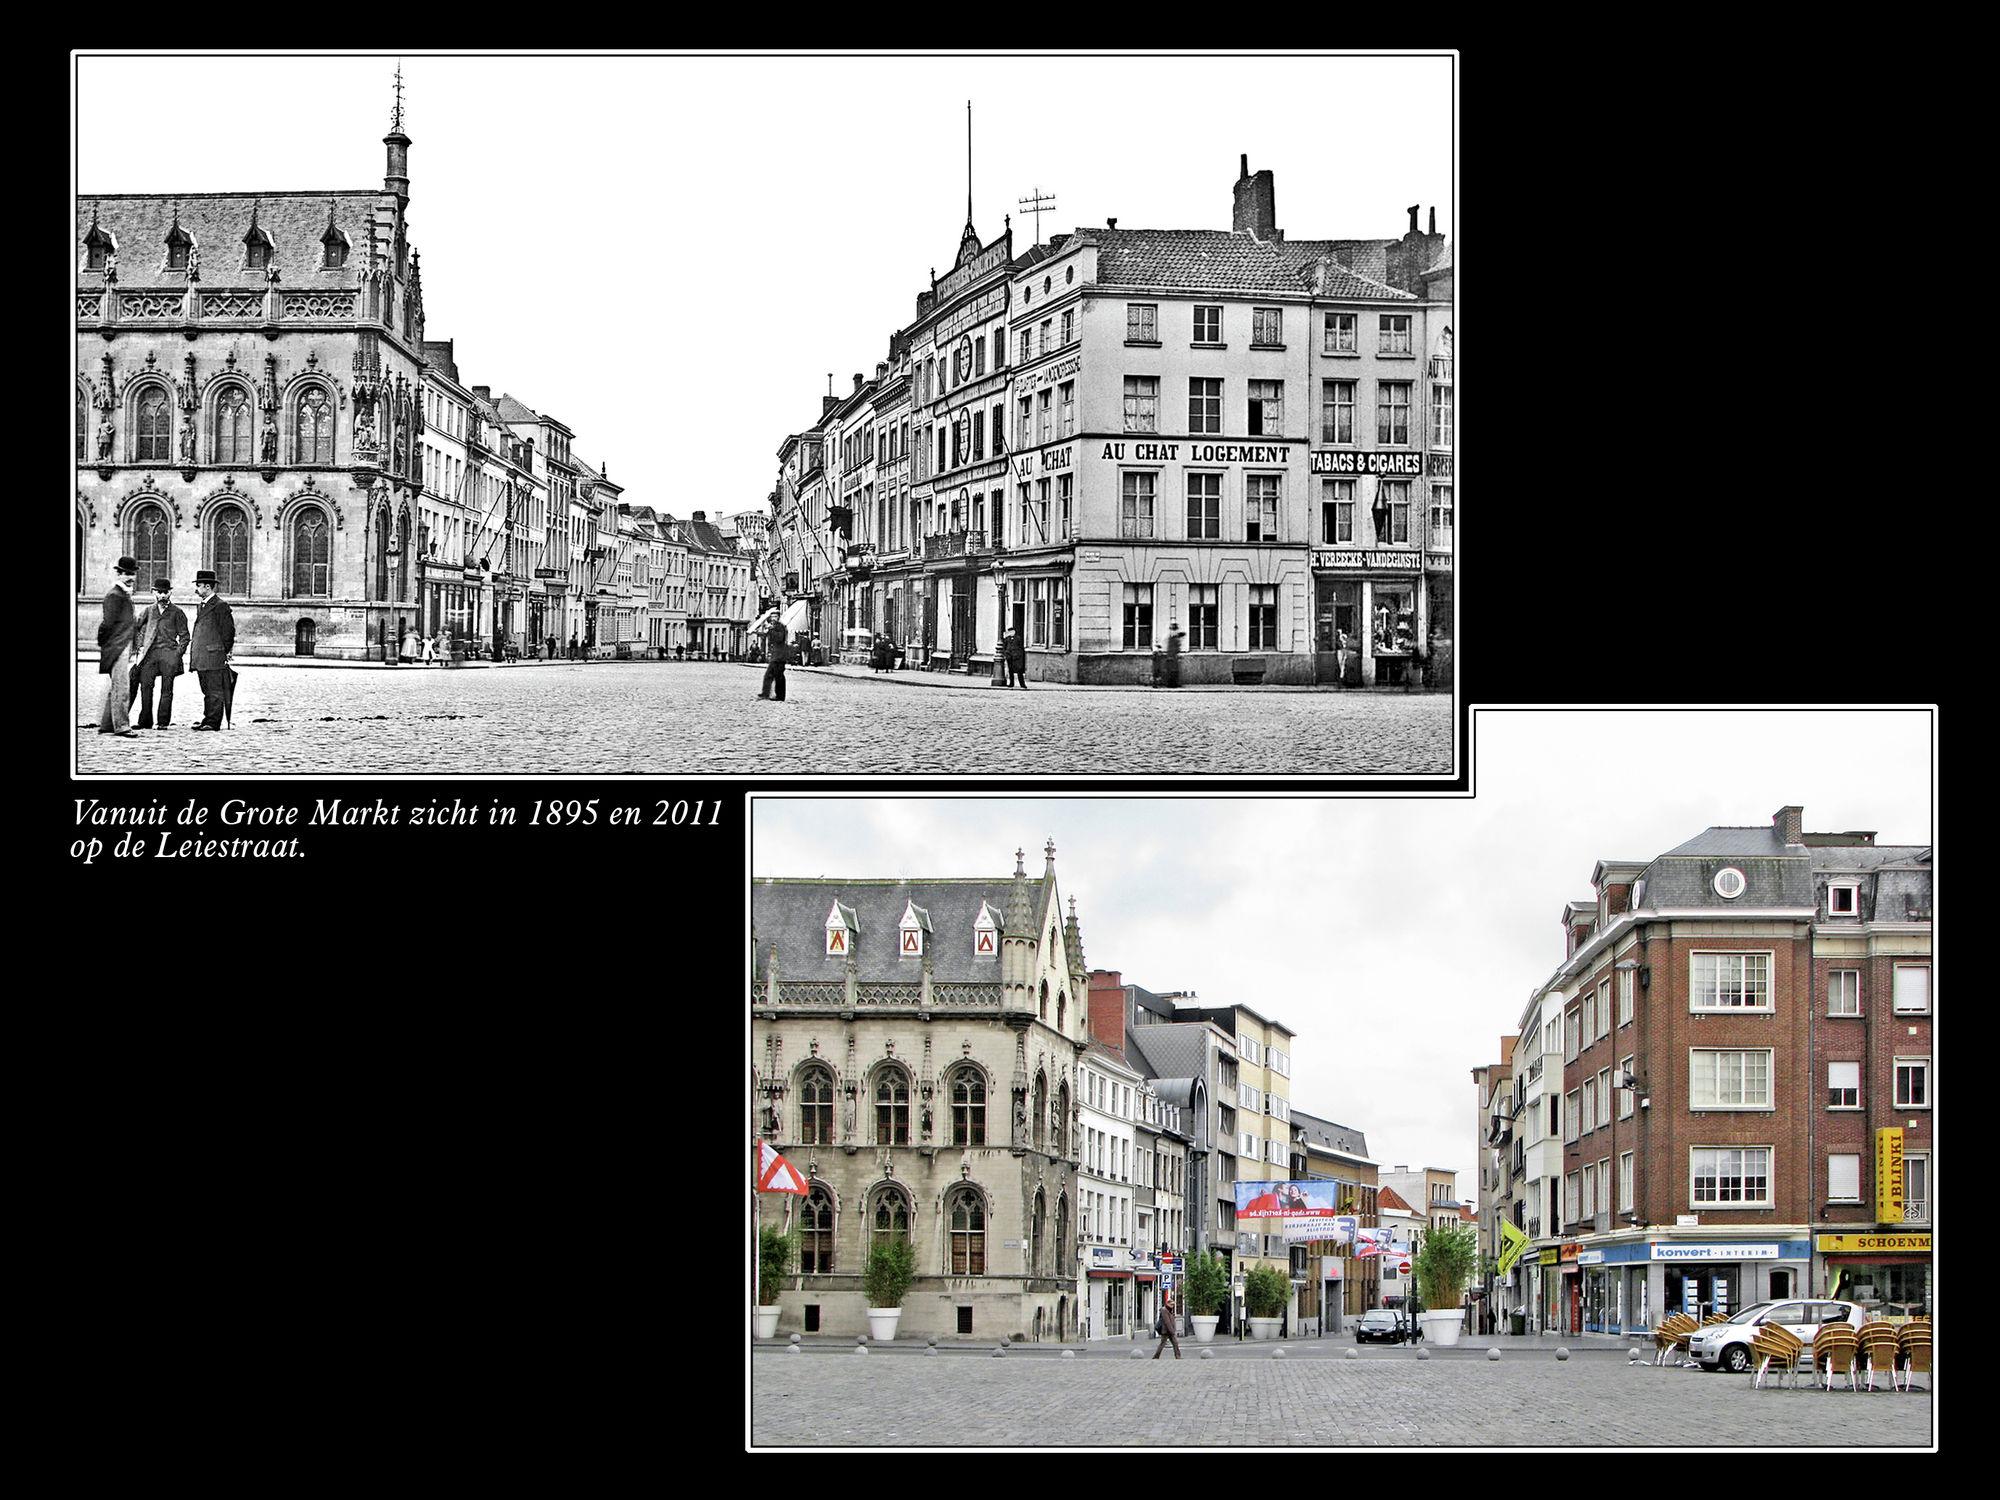 Zicht op de Leiestraat 1895 en 2011